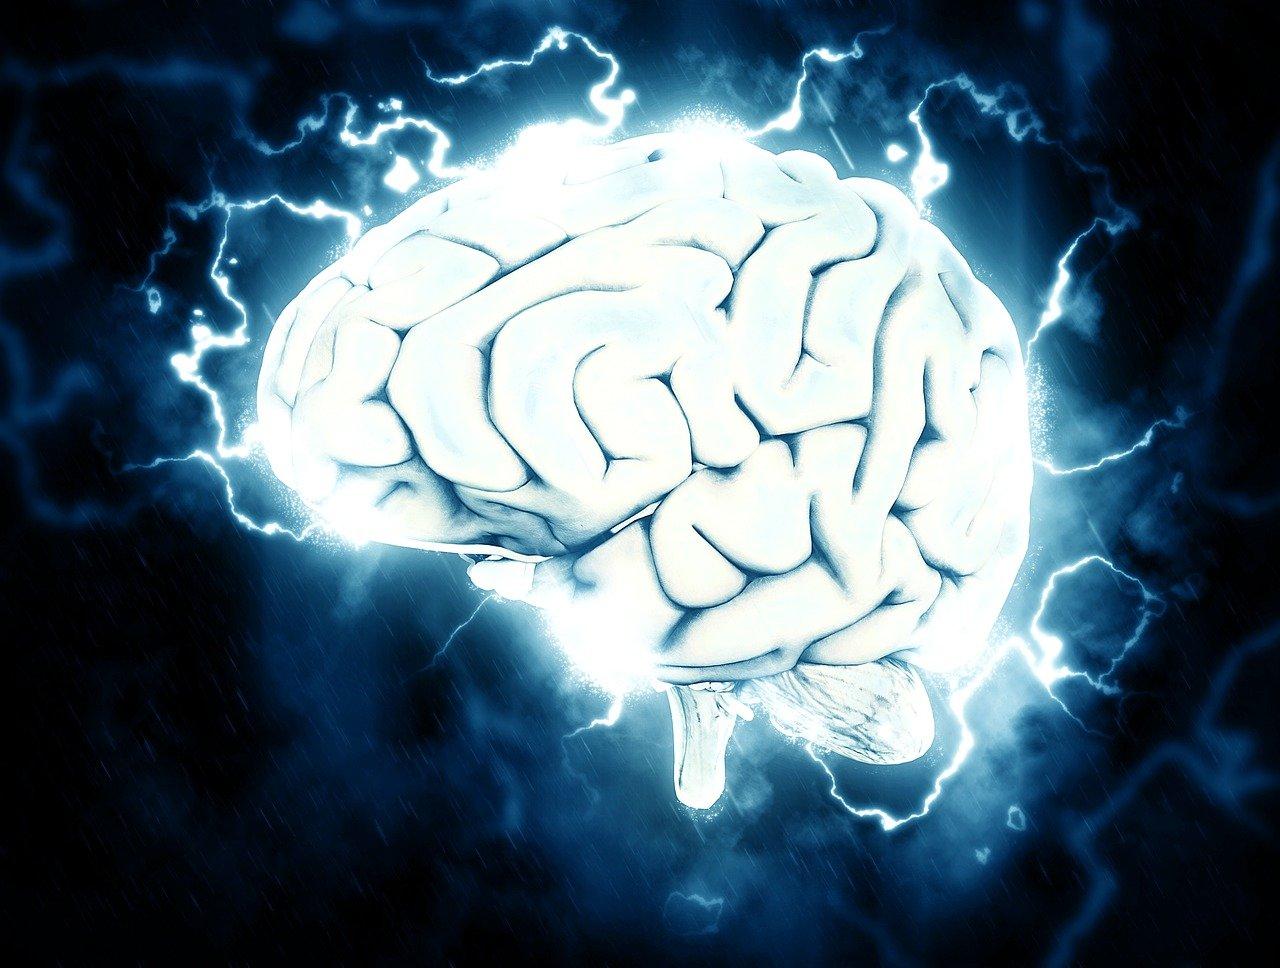 Une photo représentant un cerveau